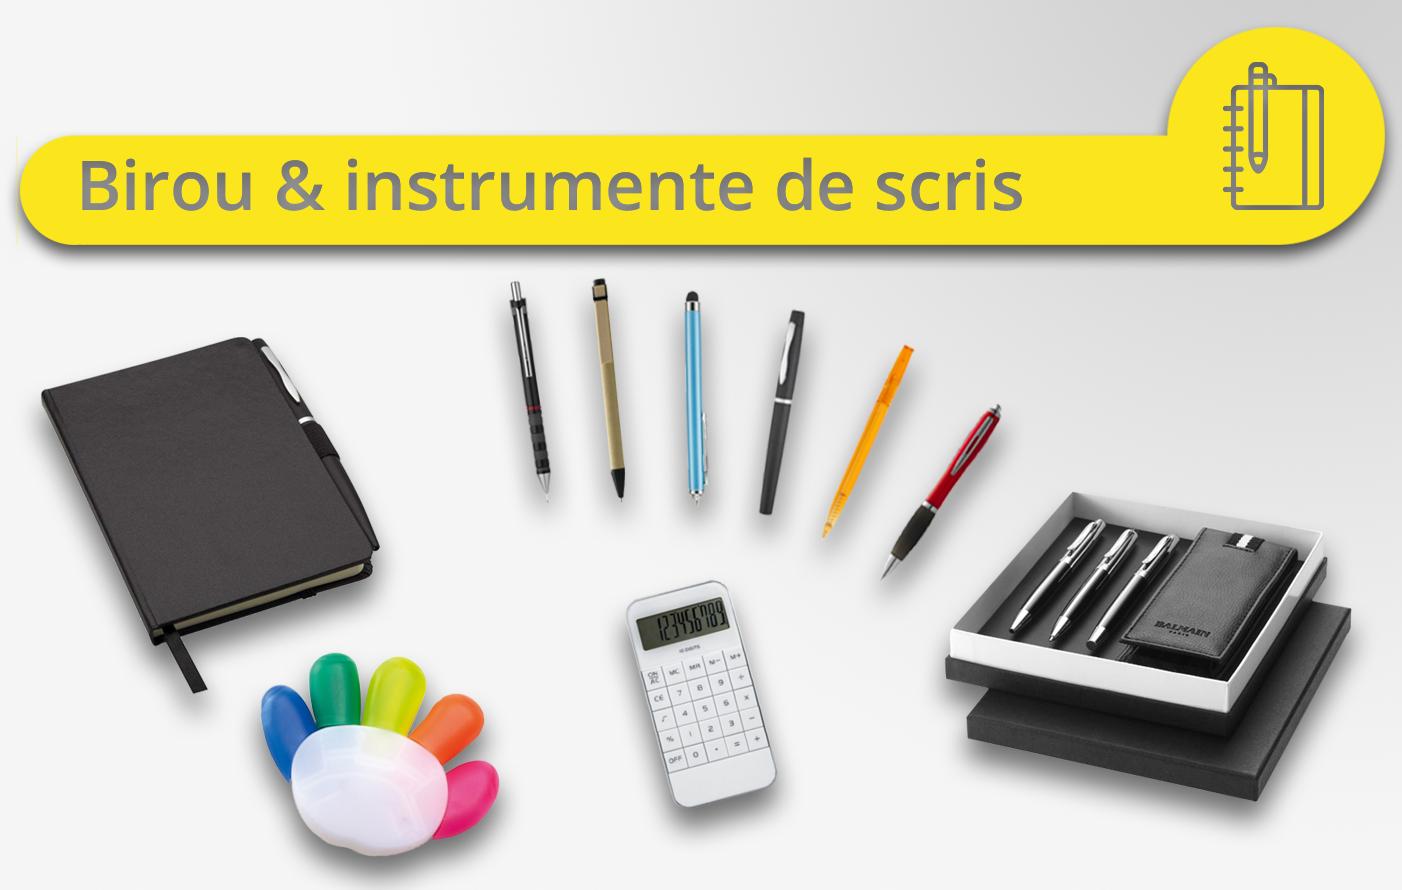 Birou & Instrumente de scris